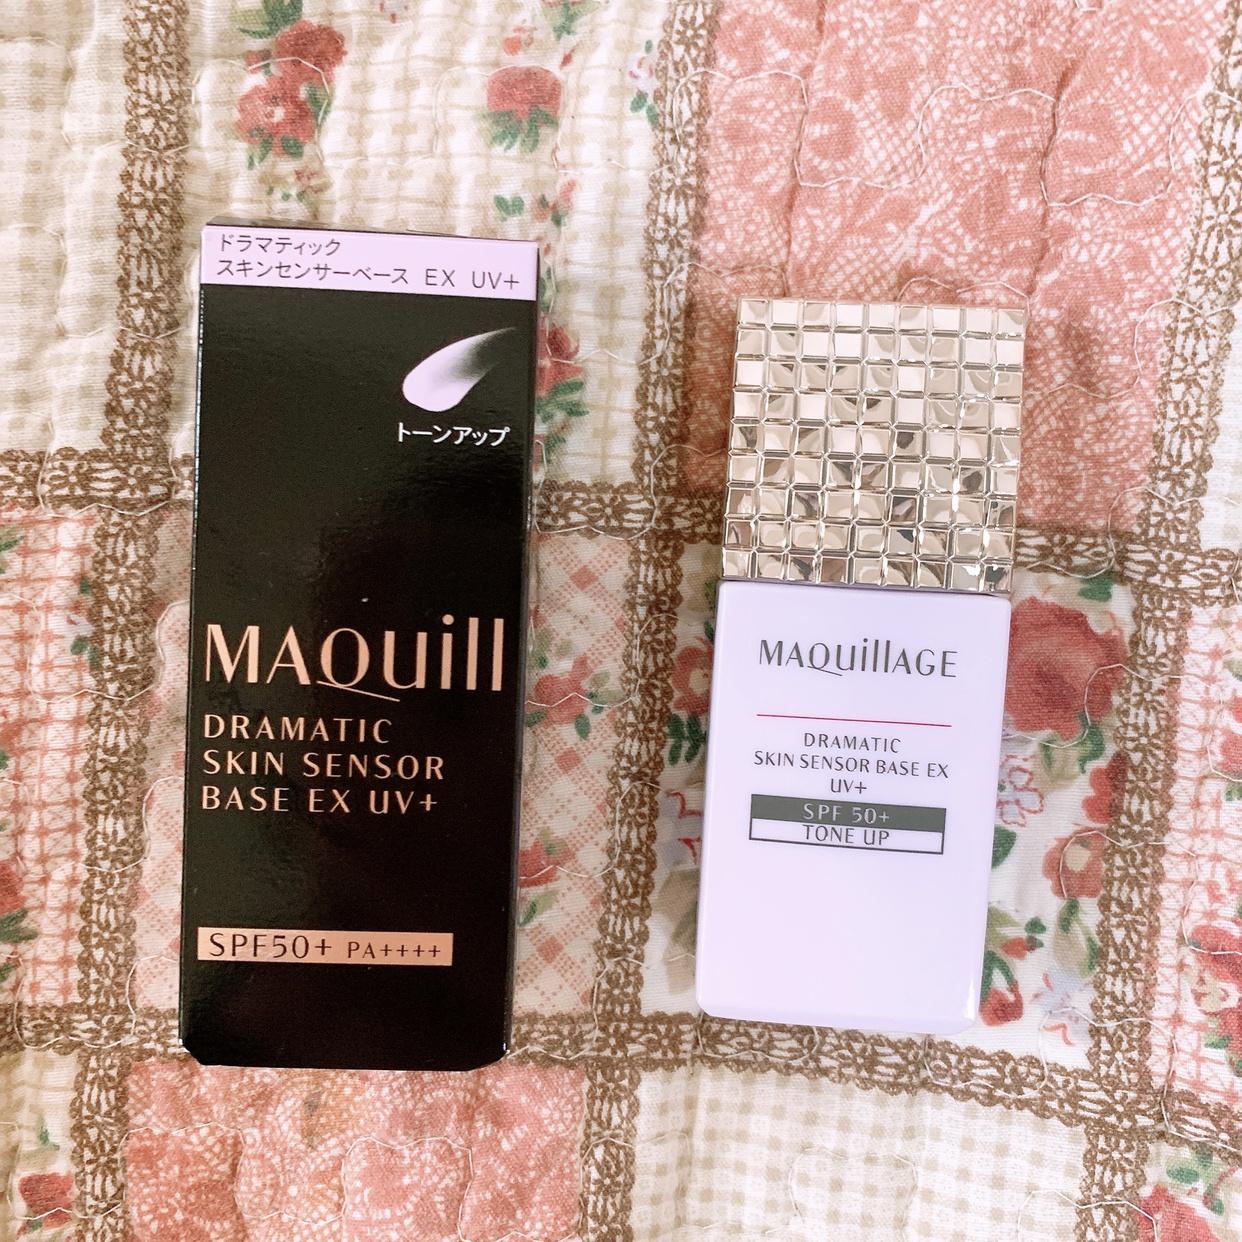 MAQUillAGE(マキアージュ) ドラマティックスキンセンサーベース EX UV+を使ったまりたそさんのクチコミ画像3